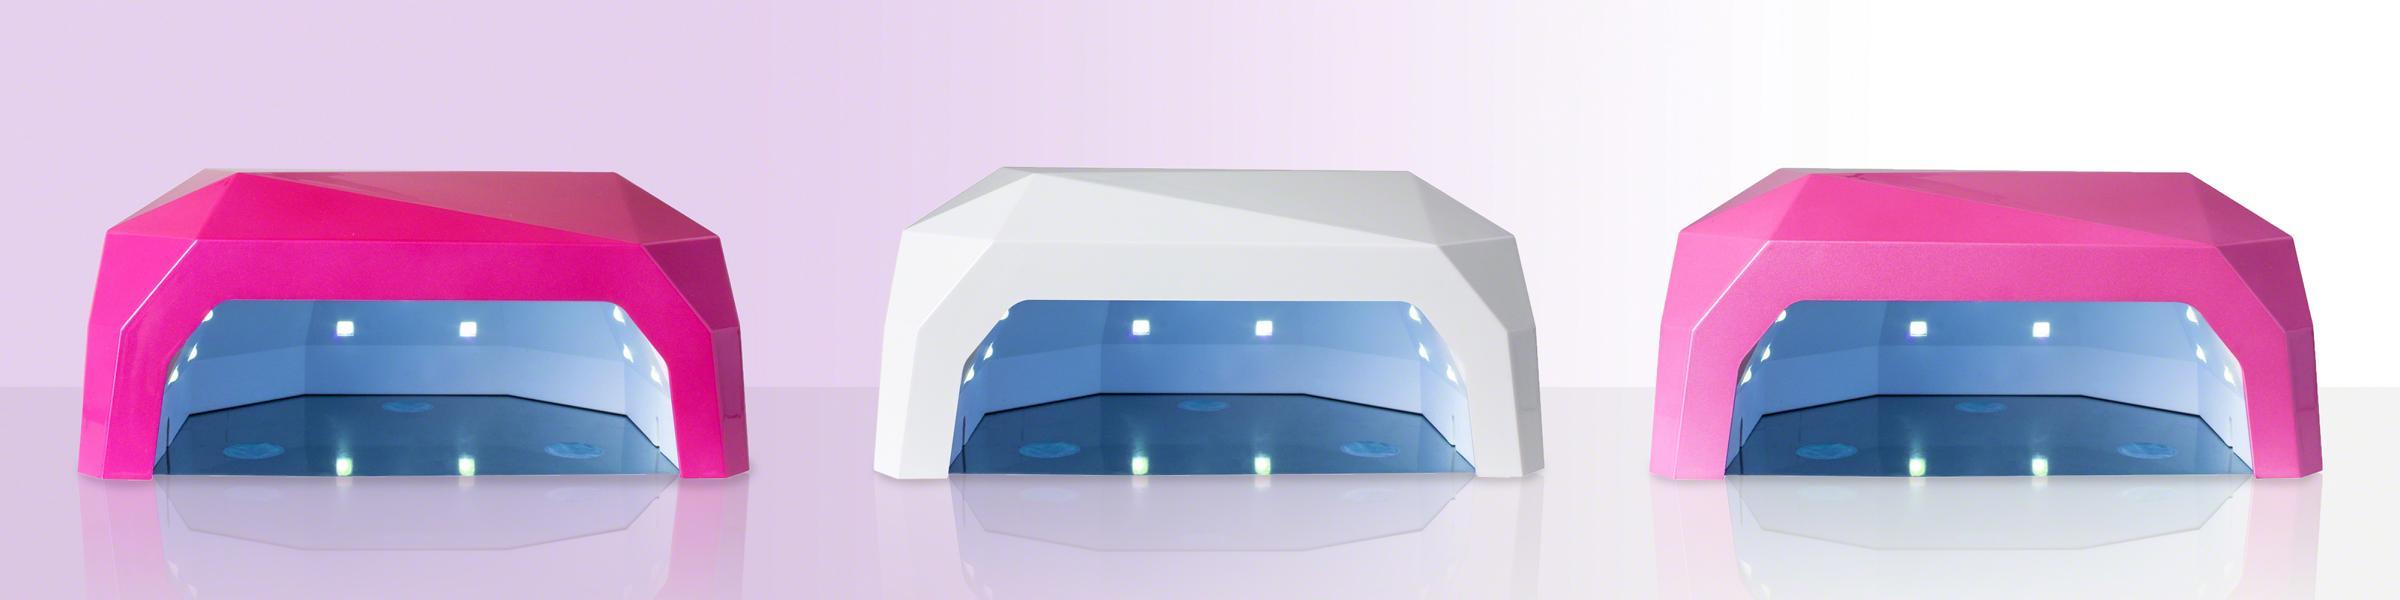 LED Geräte